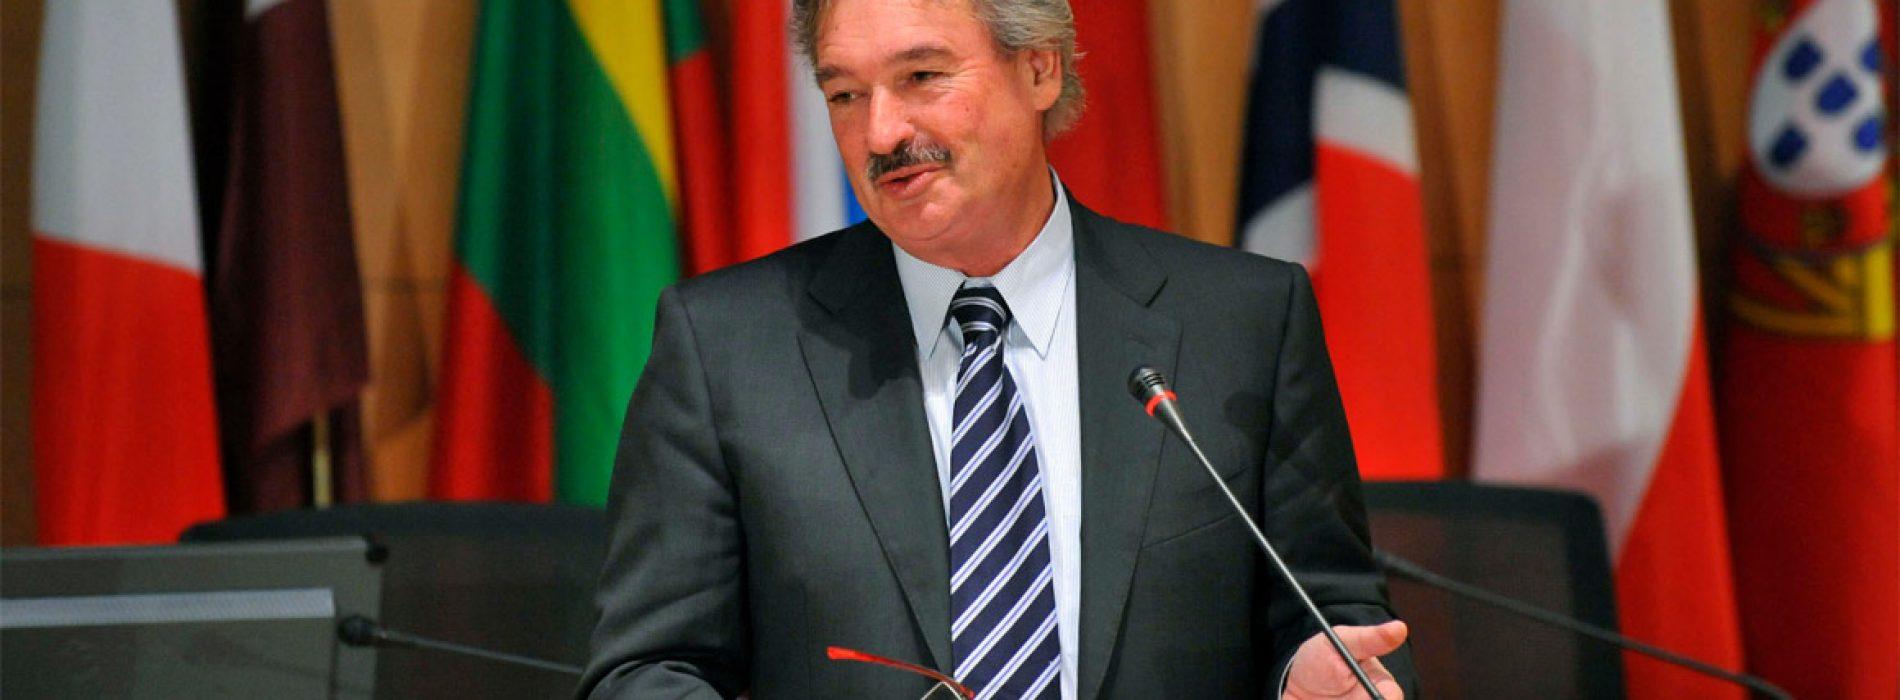 Son Dakika: AB Turkiye' nin Avrupa'ya Vizesiz Geçişini Erteledi